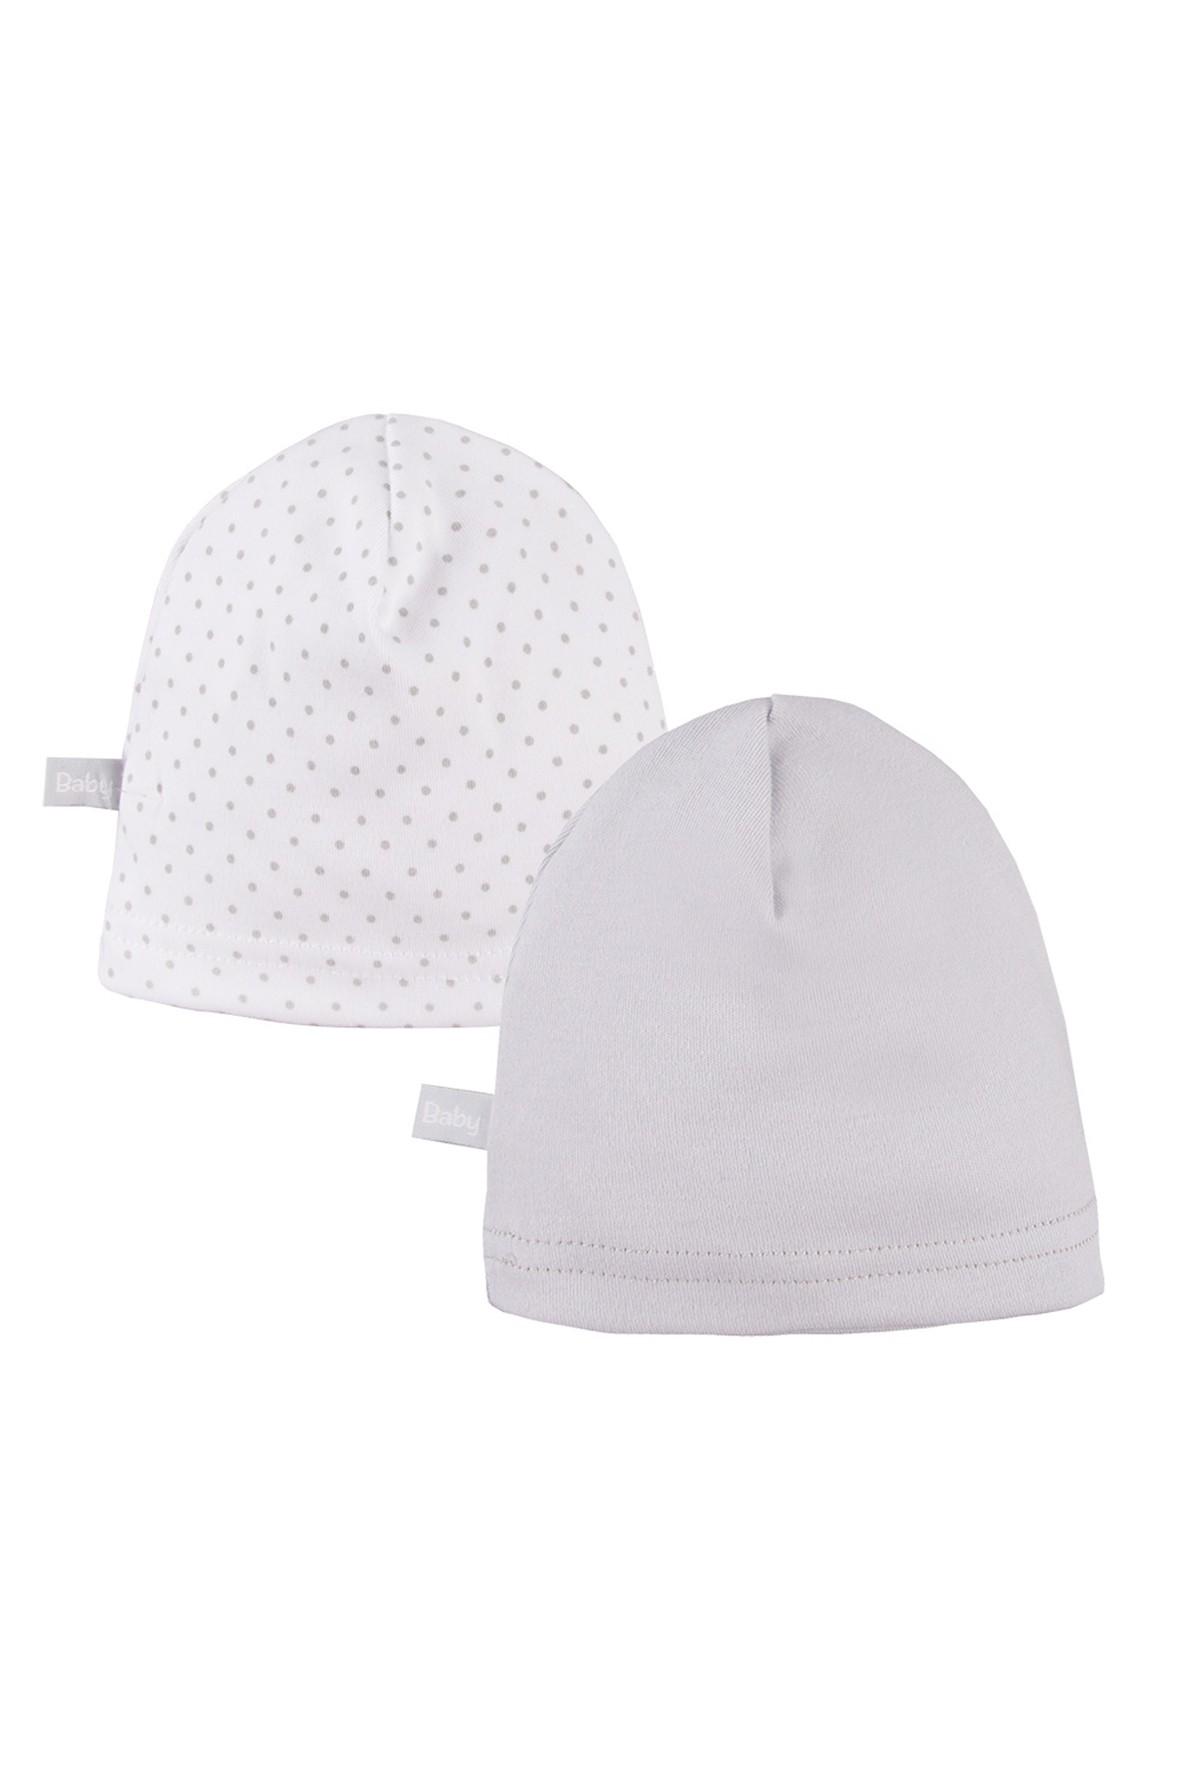 Bawełniane czapki niemowlęce 2pak - szare